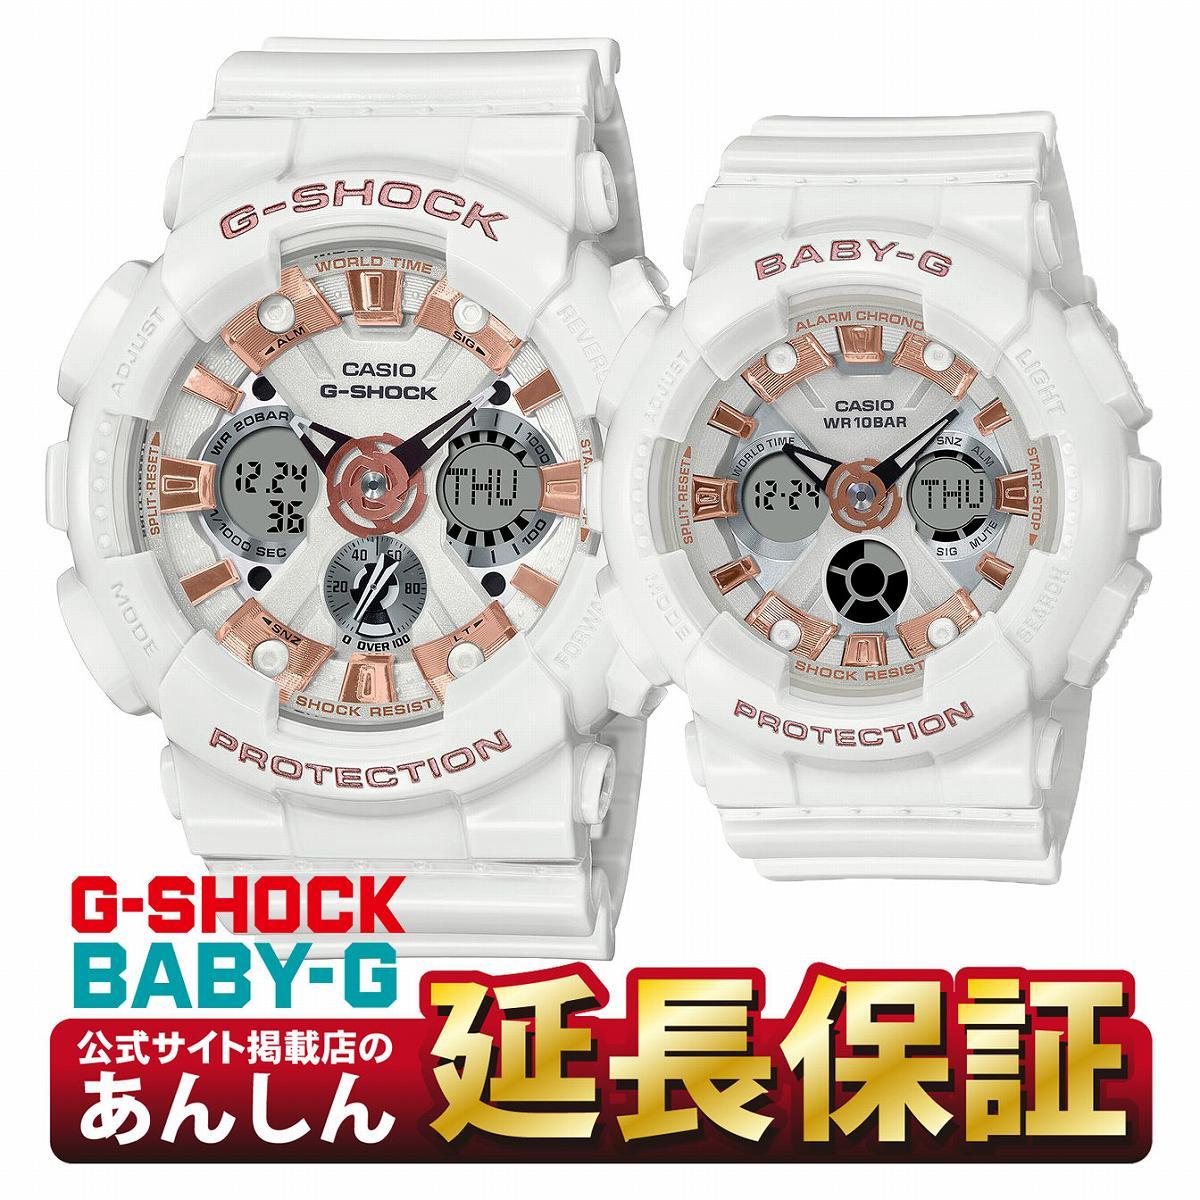 腕時計, ペアウォッチ 10,000OFF3522959 2020 LOV-20A-7AJR G G CASIO G-SHOCK BABY-G 1120